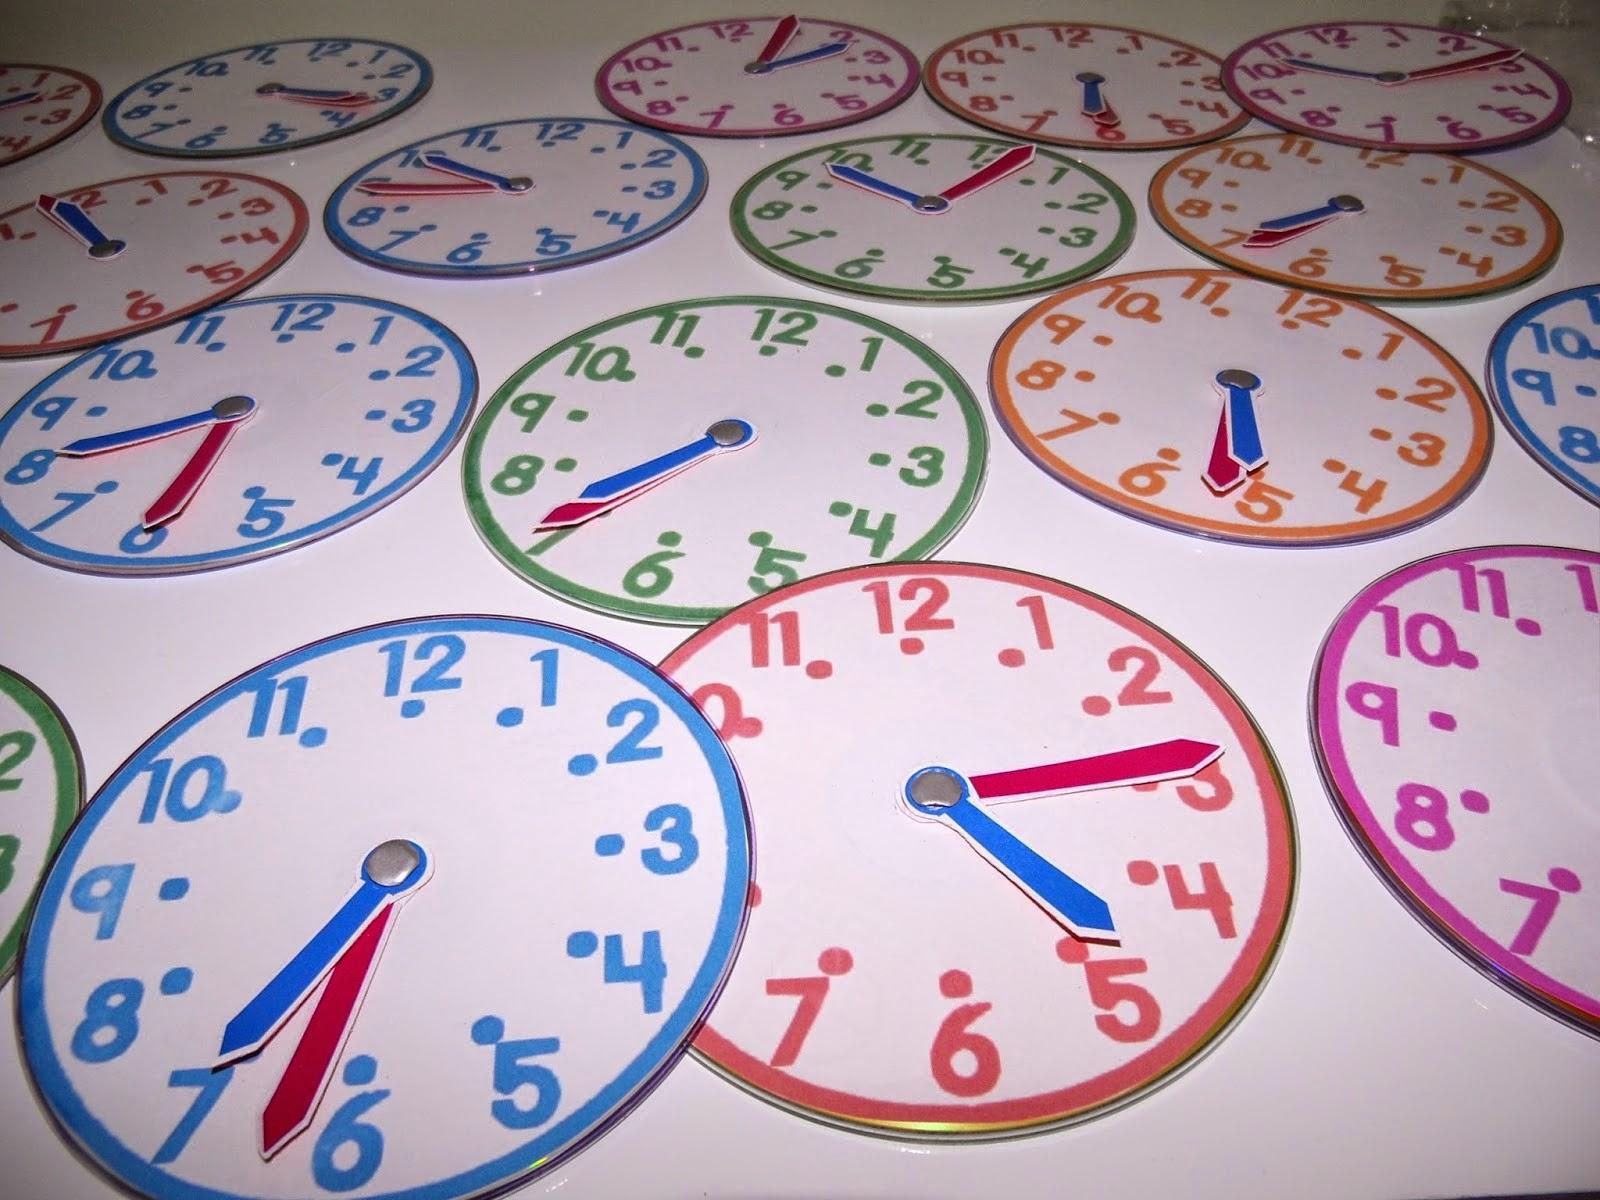 Hora Certa - Horário Mundial (Clique na foto)